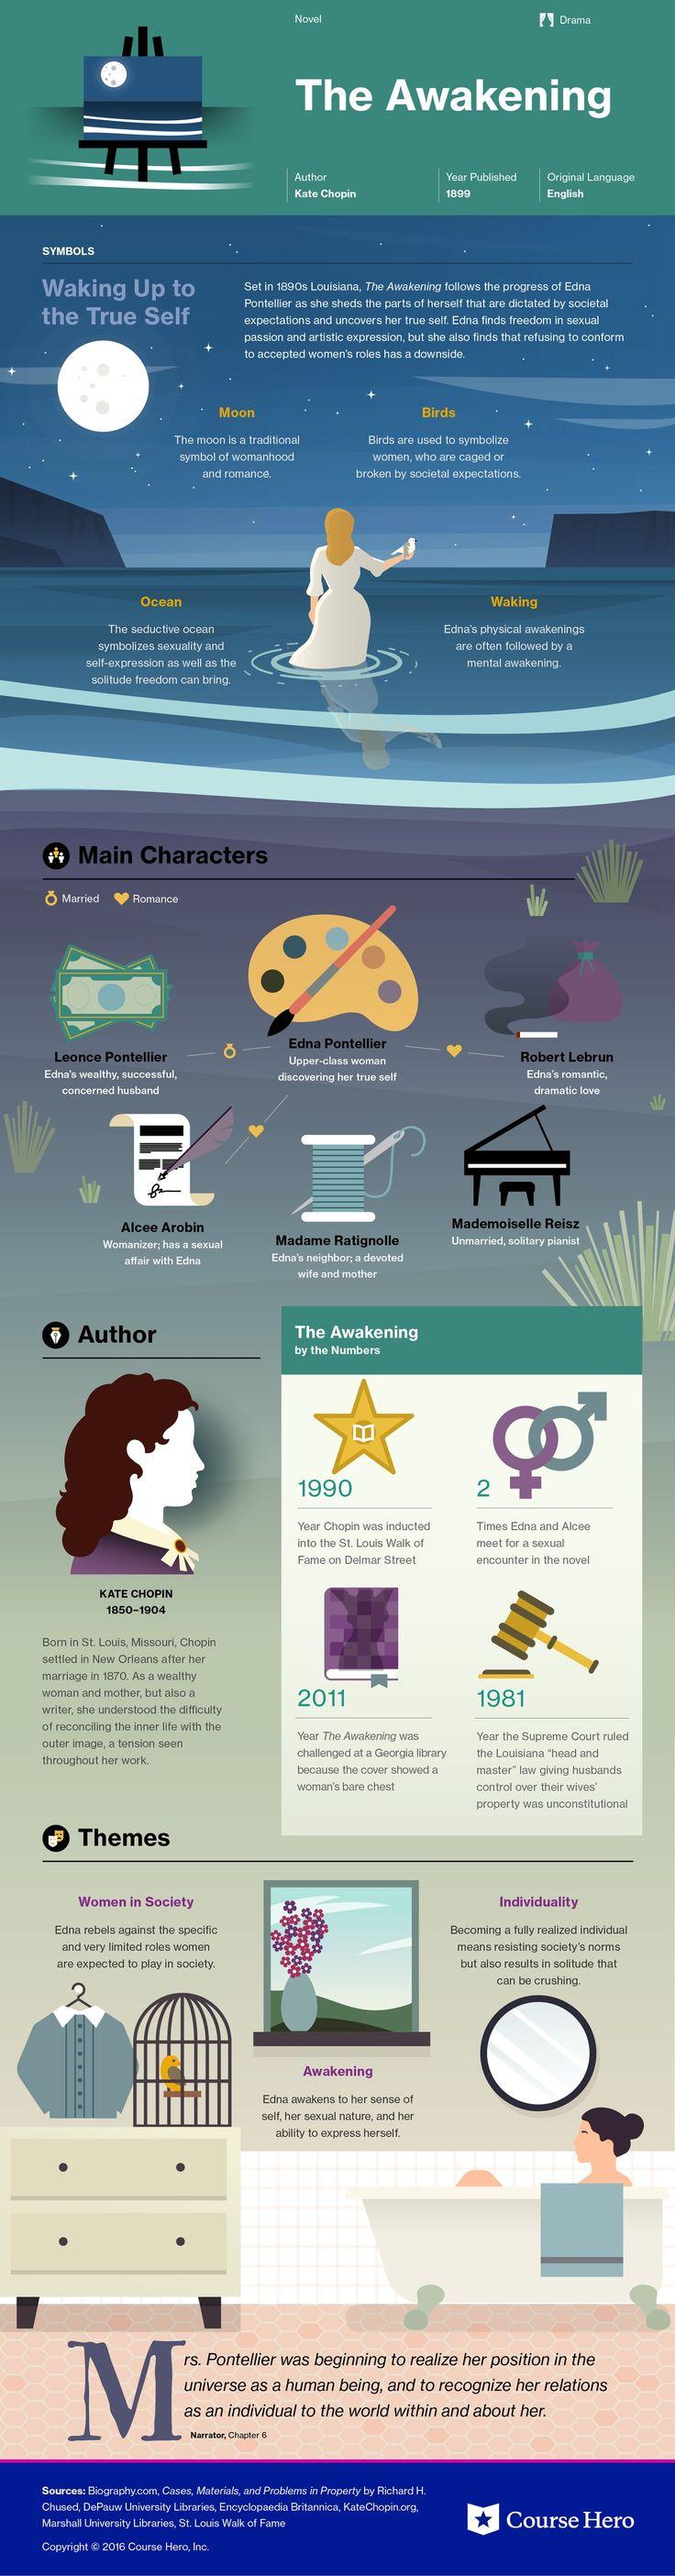 The Awakening infographic